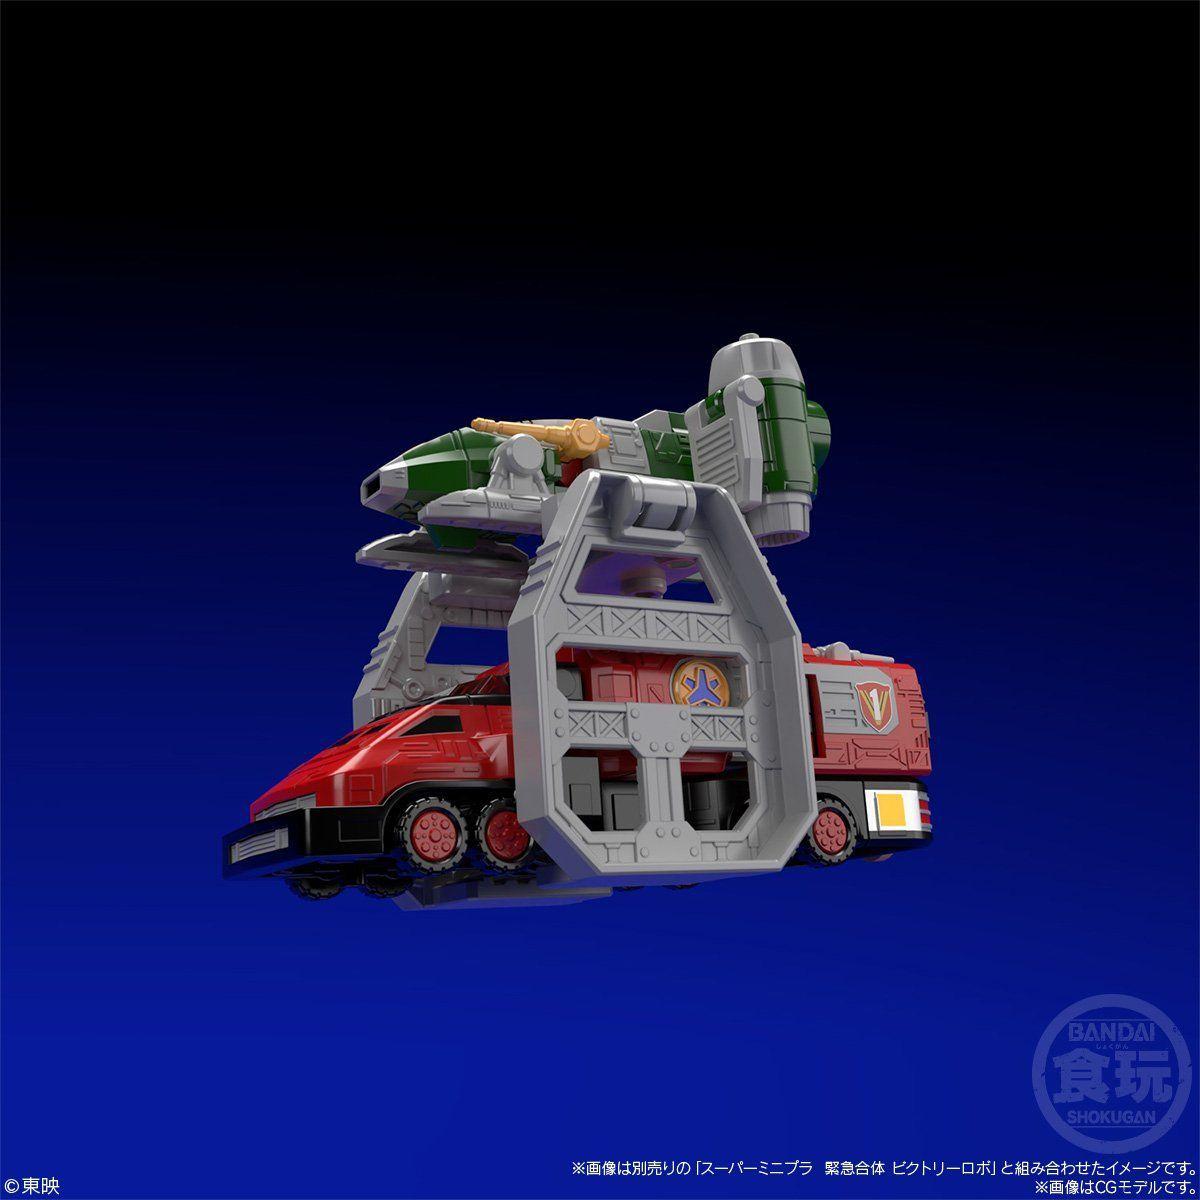 【限定販売】【食玩】スーパーミニプラ『連結合体 グランドライナー』救急戦隊ゴーゴーファイブ プラモデル-008